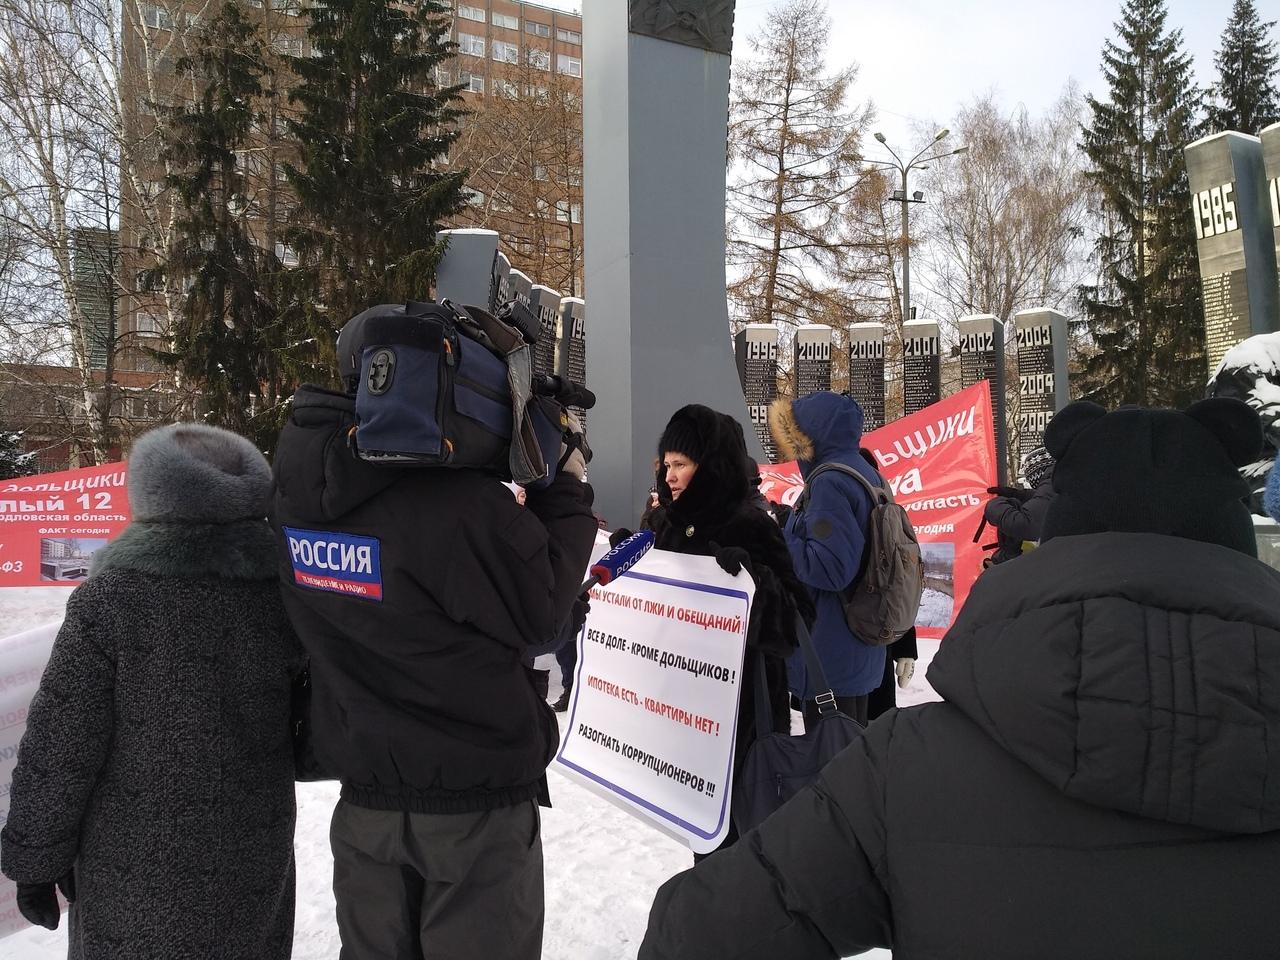 Министр строительства Волков и другие должностные лица пришли на митинг обманутых дольщиков